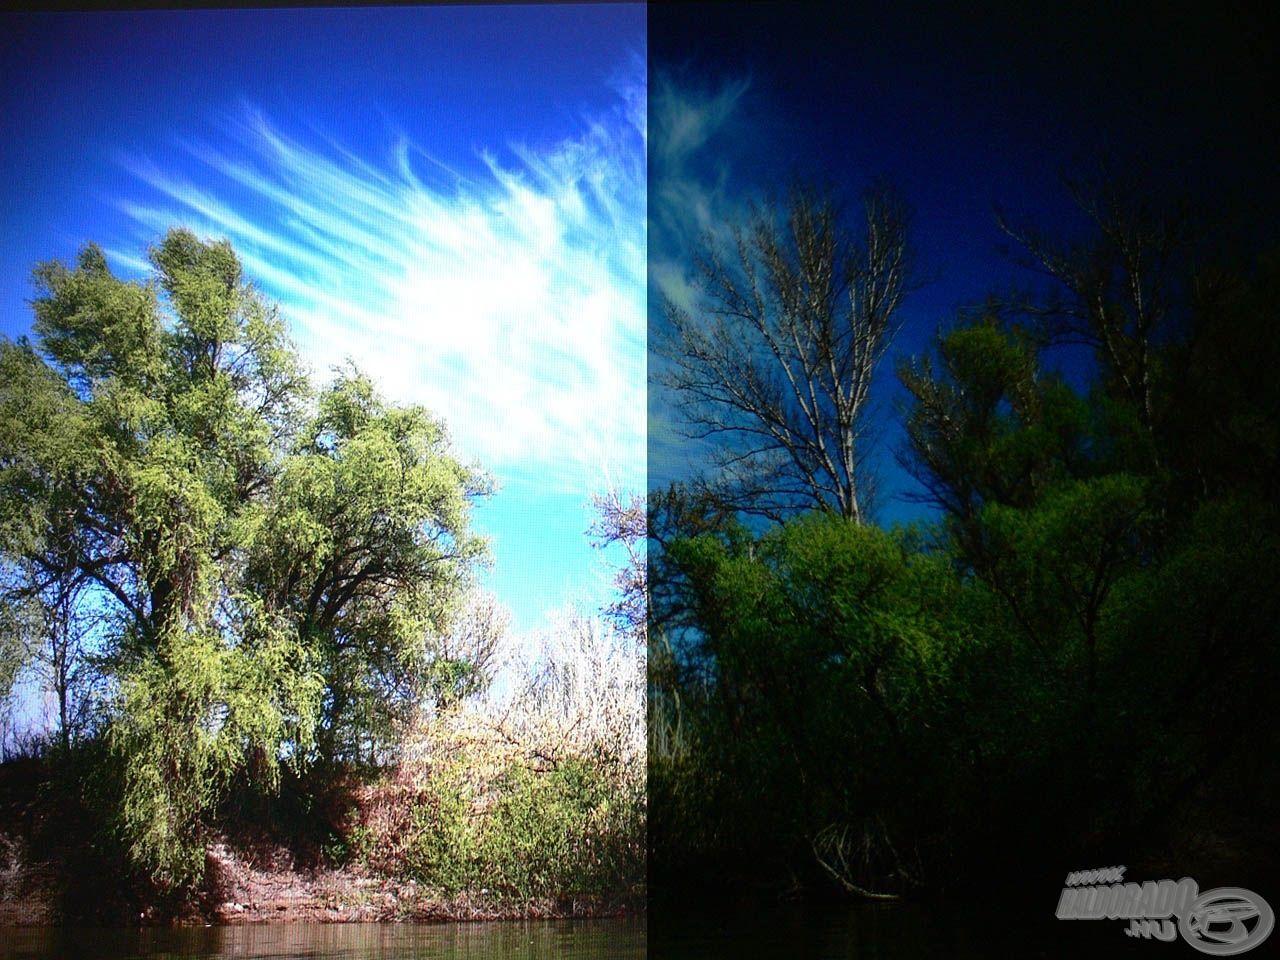 A LCD kijelzőkön (legyen az tévé, monitor vagy telefon kijelzője) jól ellenőrizhető, hogy található-e a szemüvegen polarizációs réteg. A jobb oldalon a napszemüvegen keresztüli normál állású kép látható, míg a balon az a szemüveg nélküli kép (azonos paraméterek mellett elkészítve a képet)